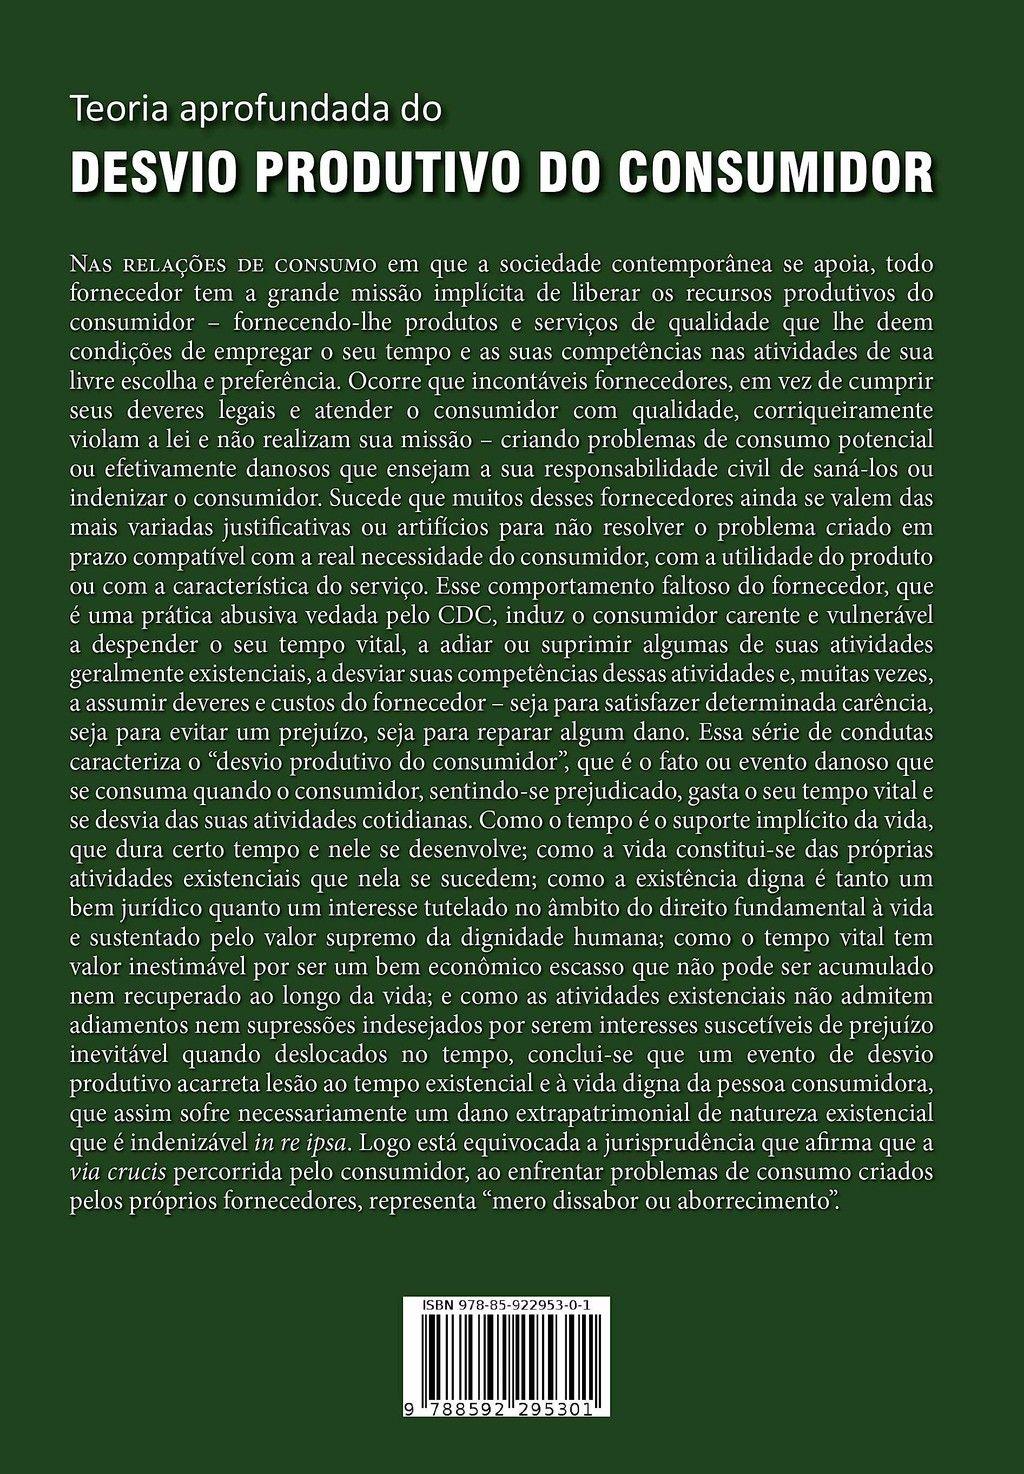 Advogado Marcos Dessaune lana 2 edio do livro com sua Teoria aprofundada do Desvio Produtivo do Consumidor